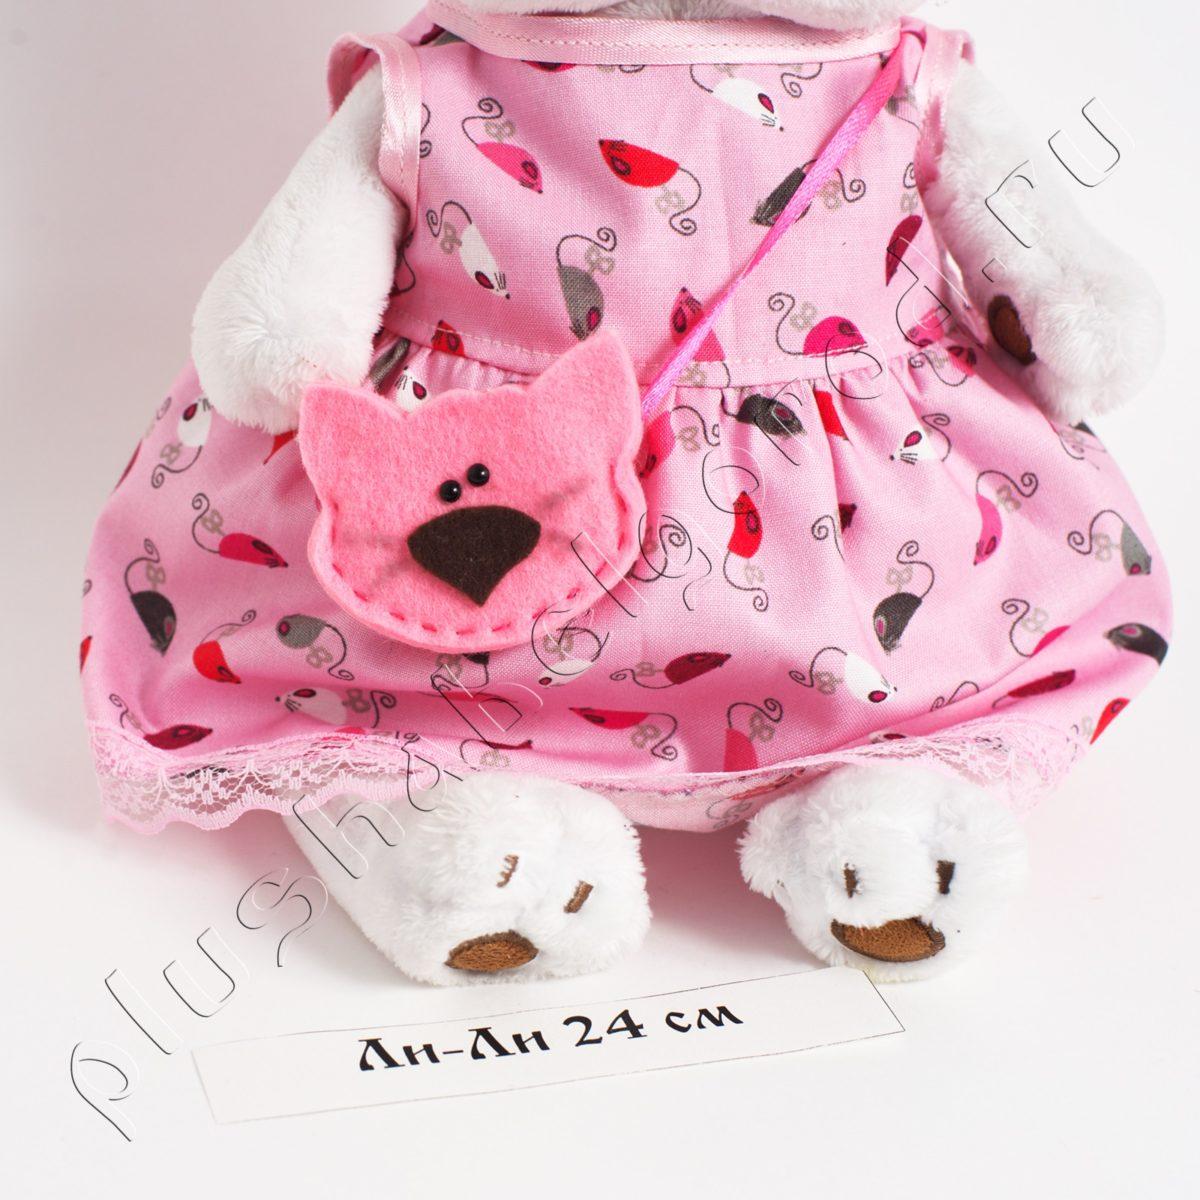 Платье с мышками, сумочка и бантик на голову